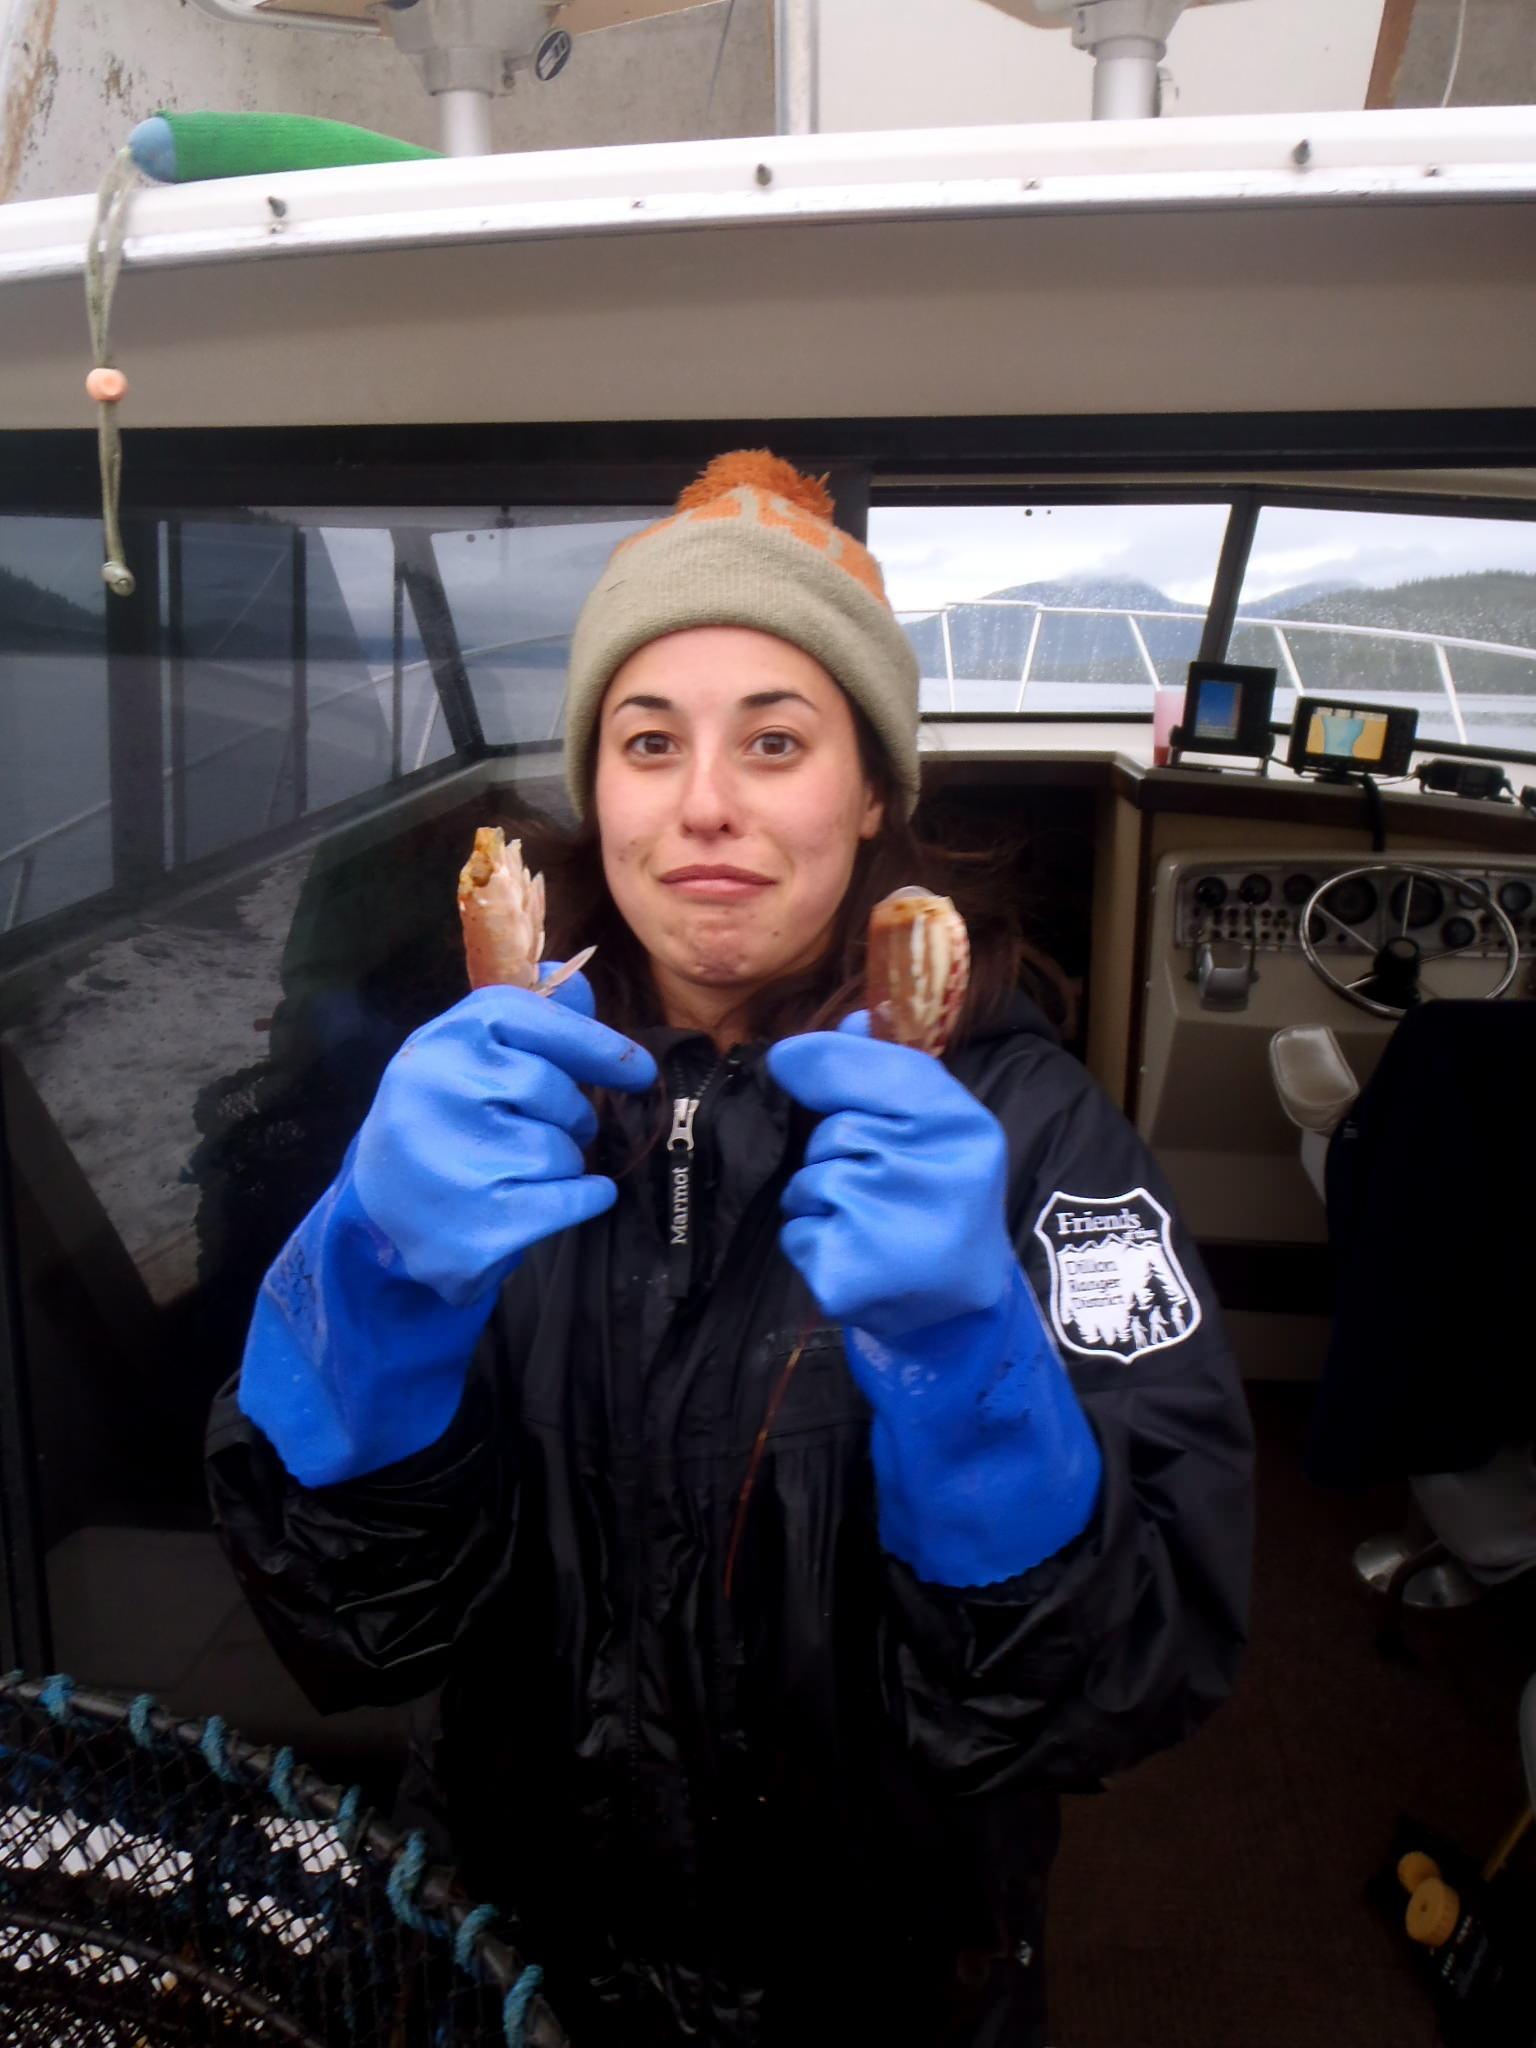 Ripping shrimp apart in Alaska